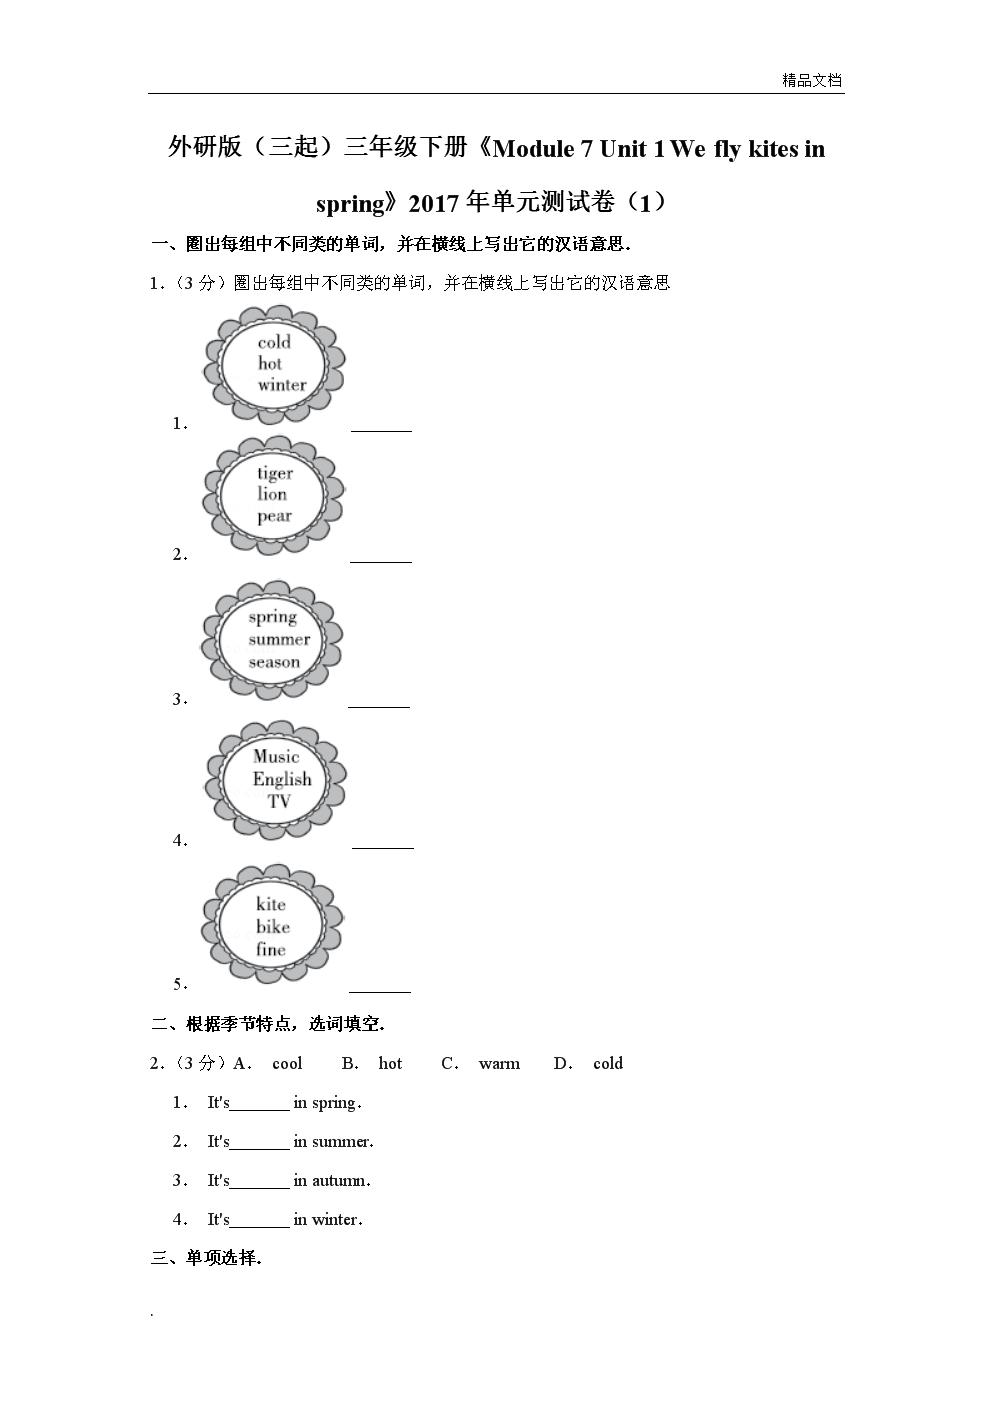 外研版(三起)(2012)小学英语三年级下册Module 7 Unit 1 We fly kites in spring.习题(1).doc